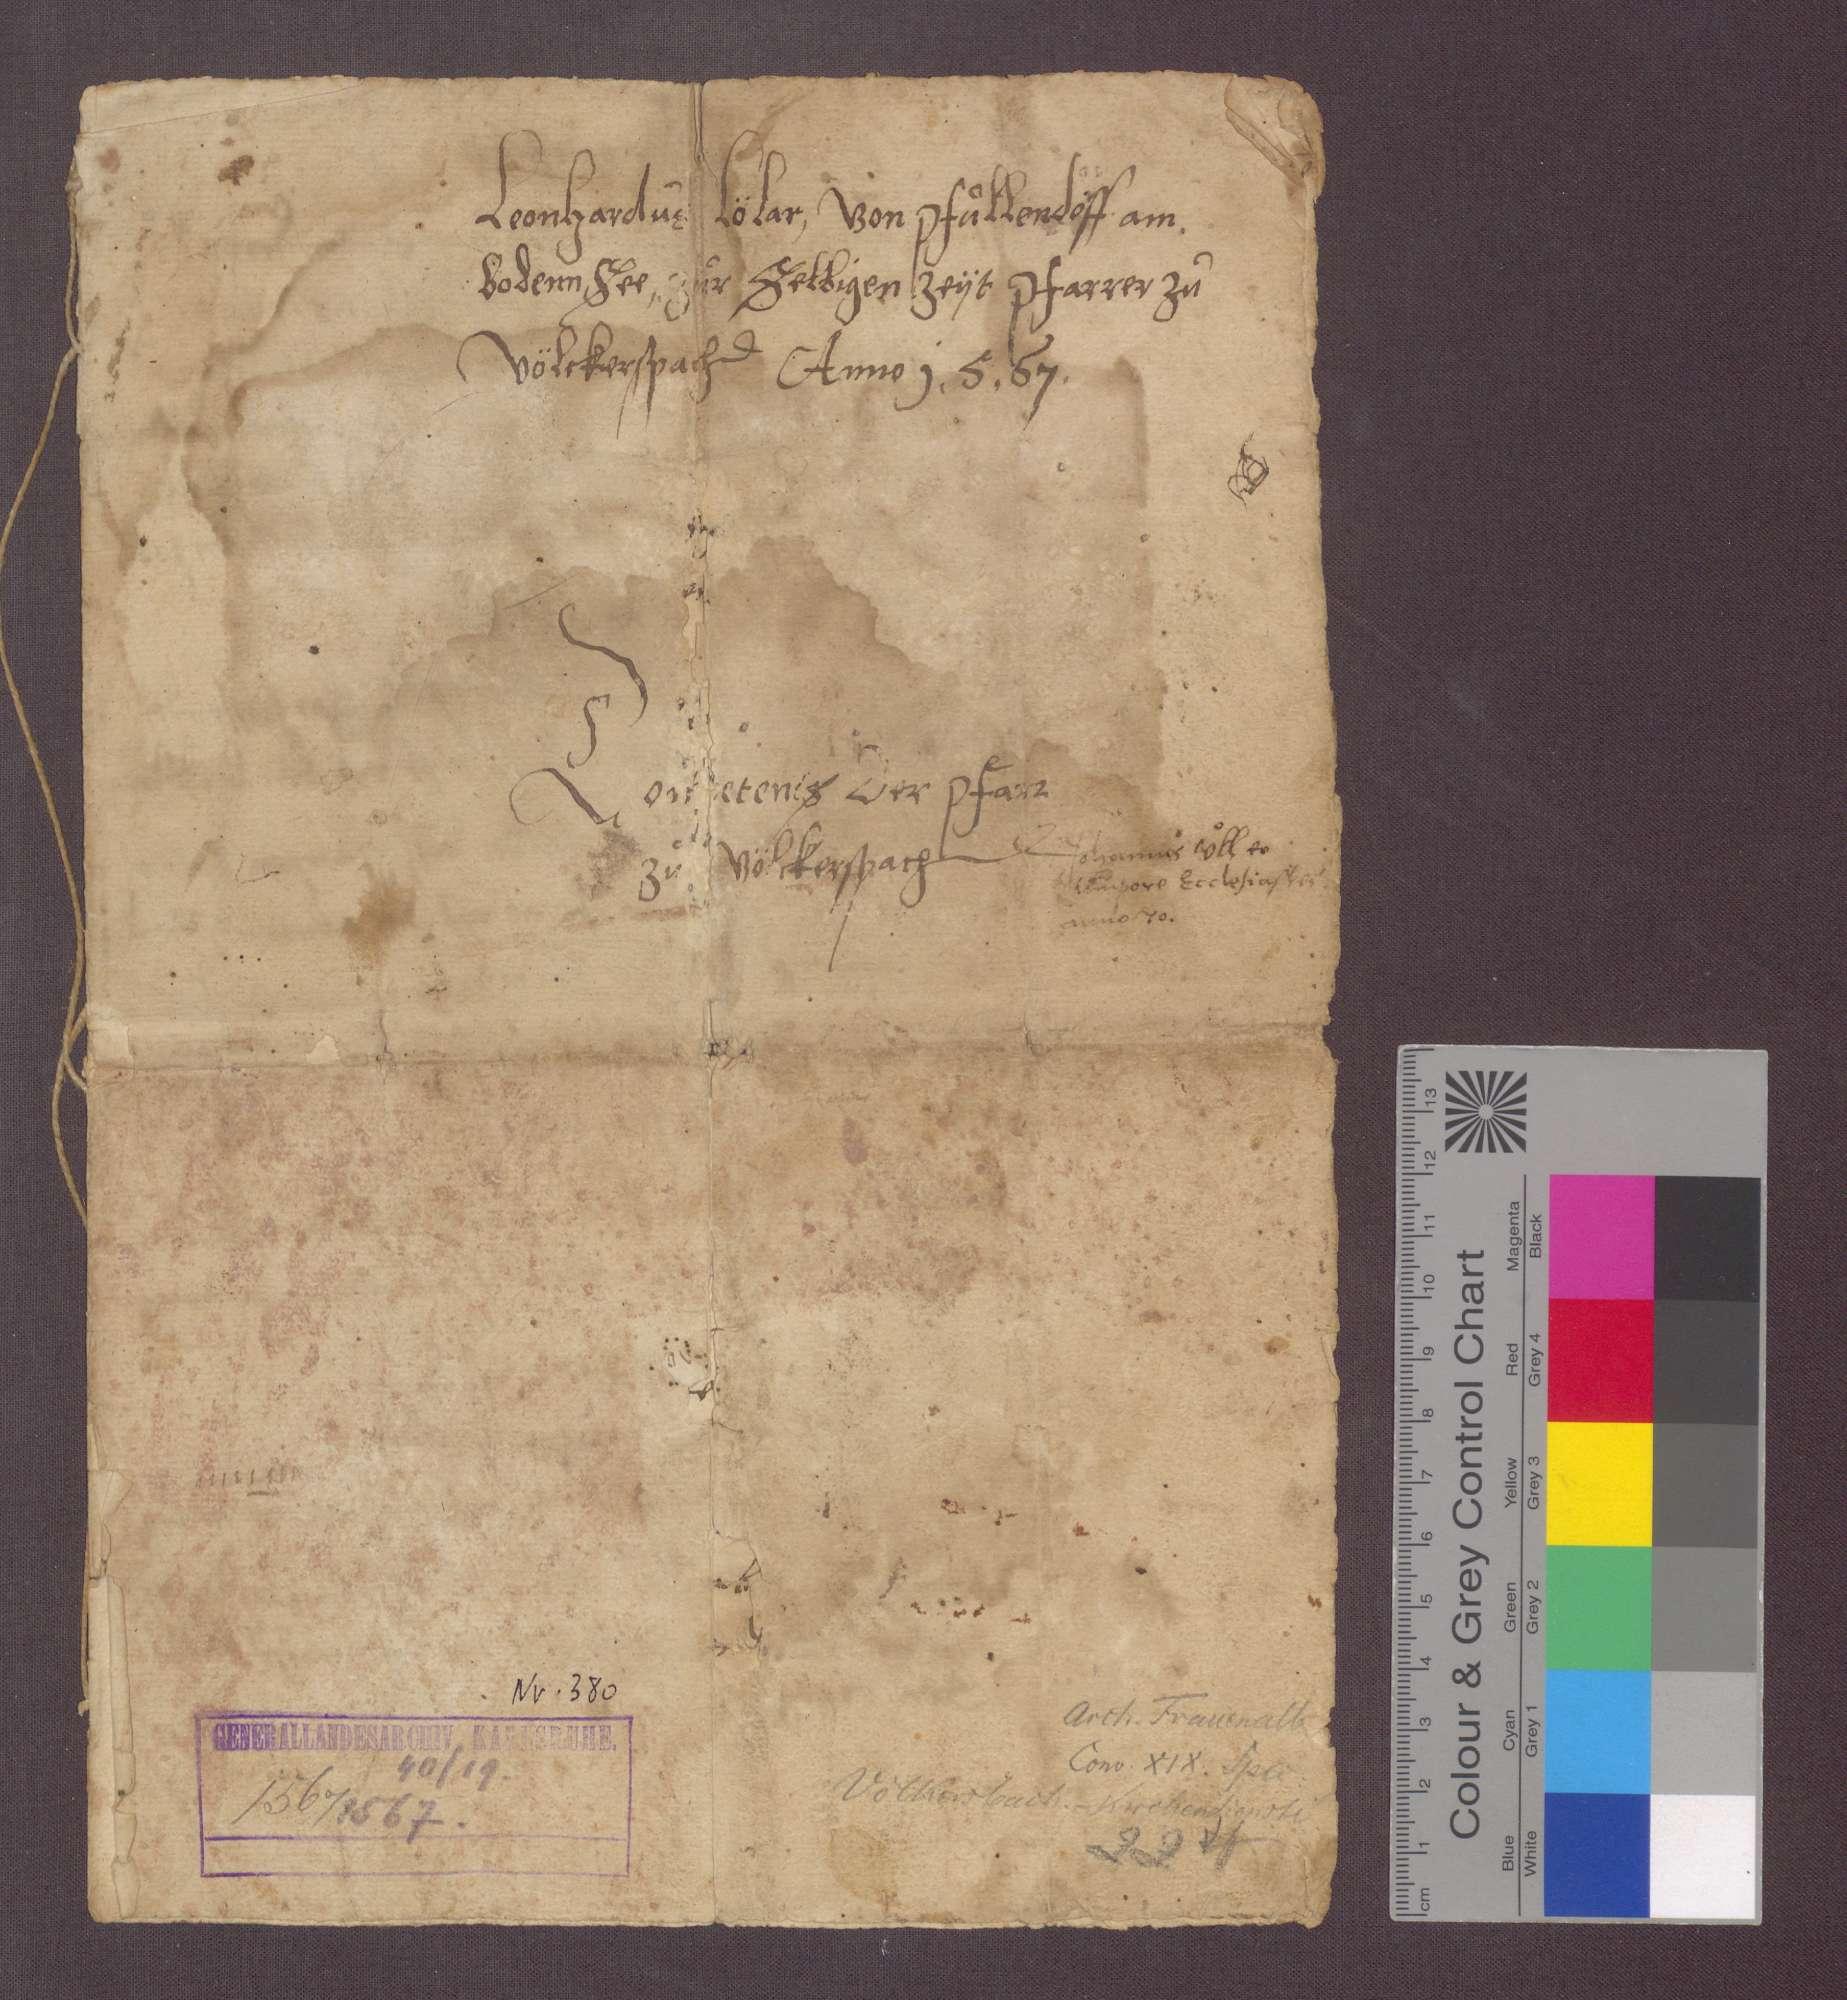 Kompetenz der Pfarrei zu Völkersbach, aufgestellt von Leonhard Lölar von Pfullendorf am Bodensee, derzeit Pfarrer zu Völkersbach (Fragment)., Bild 1